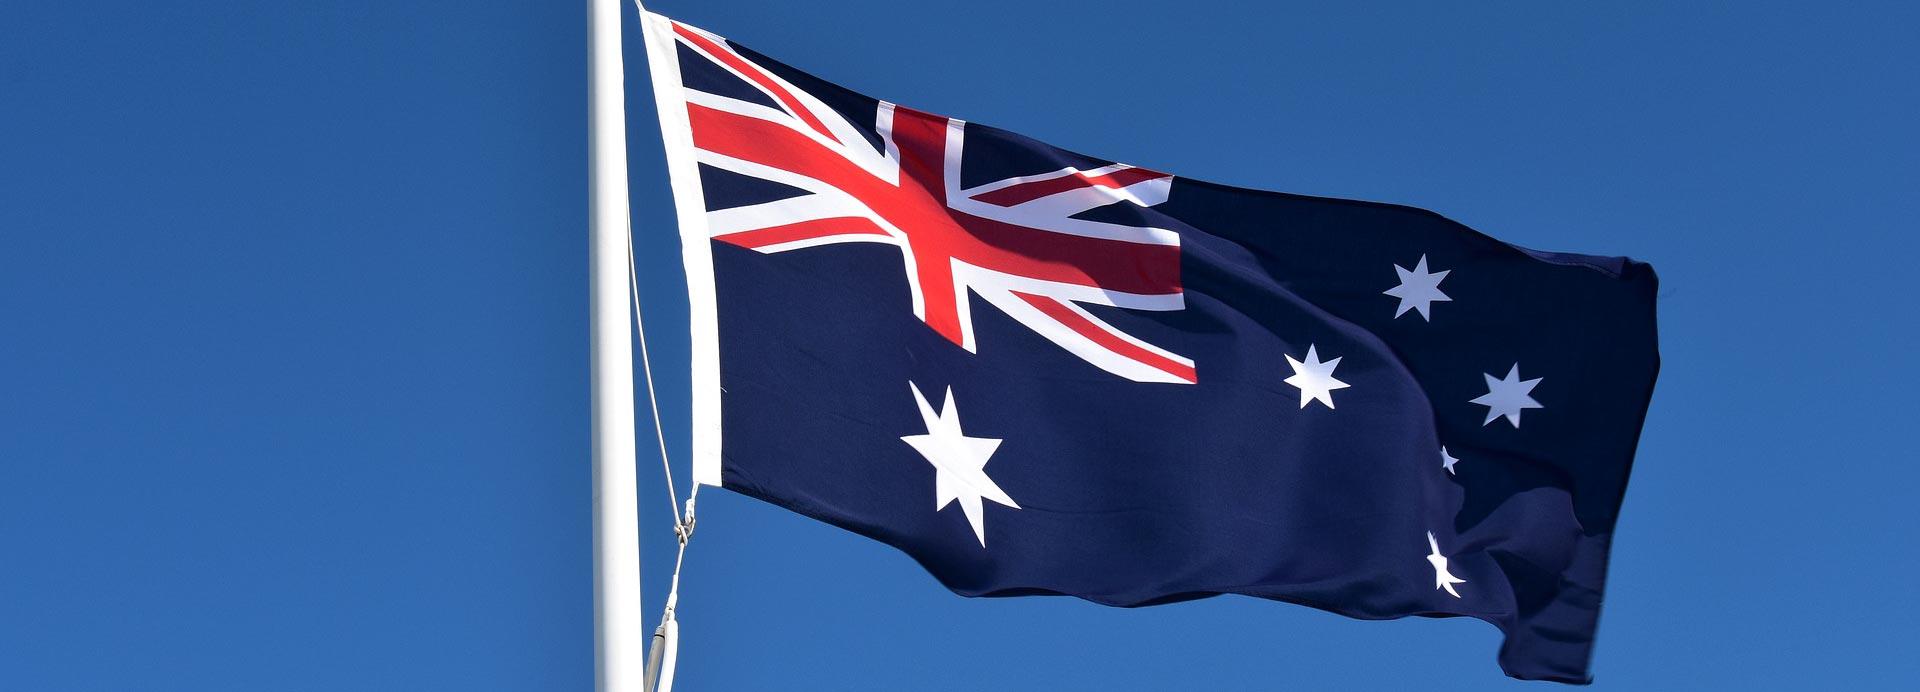 Định cư Úc tôi cần đáp ứng những yêu cầu lý lịch tư pháp như thế nào?